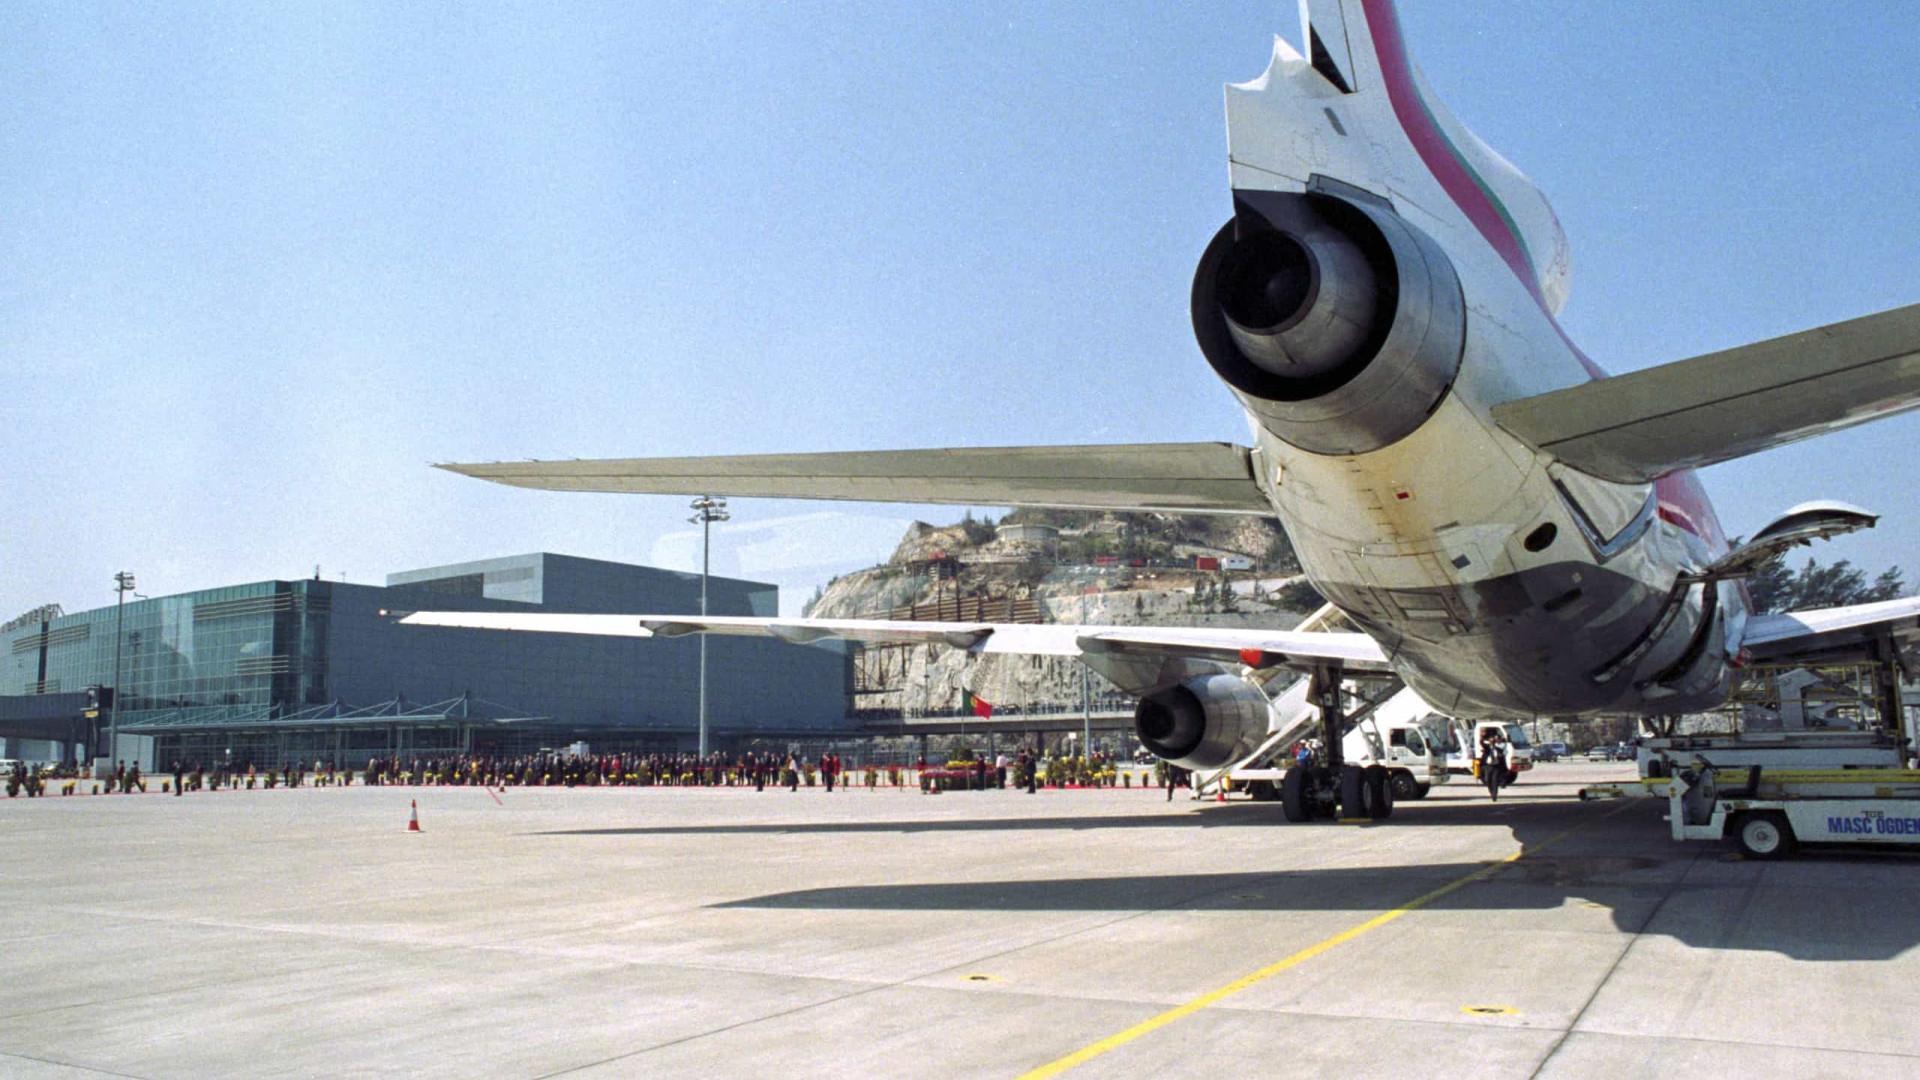 Aeroporto Internacional De Macau : Notícias ao minuto aeroporto de macau com mais dois